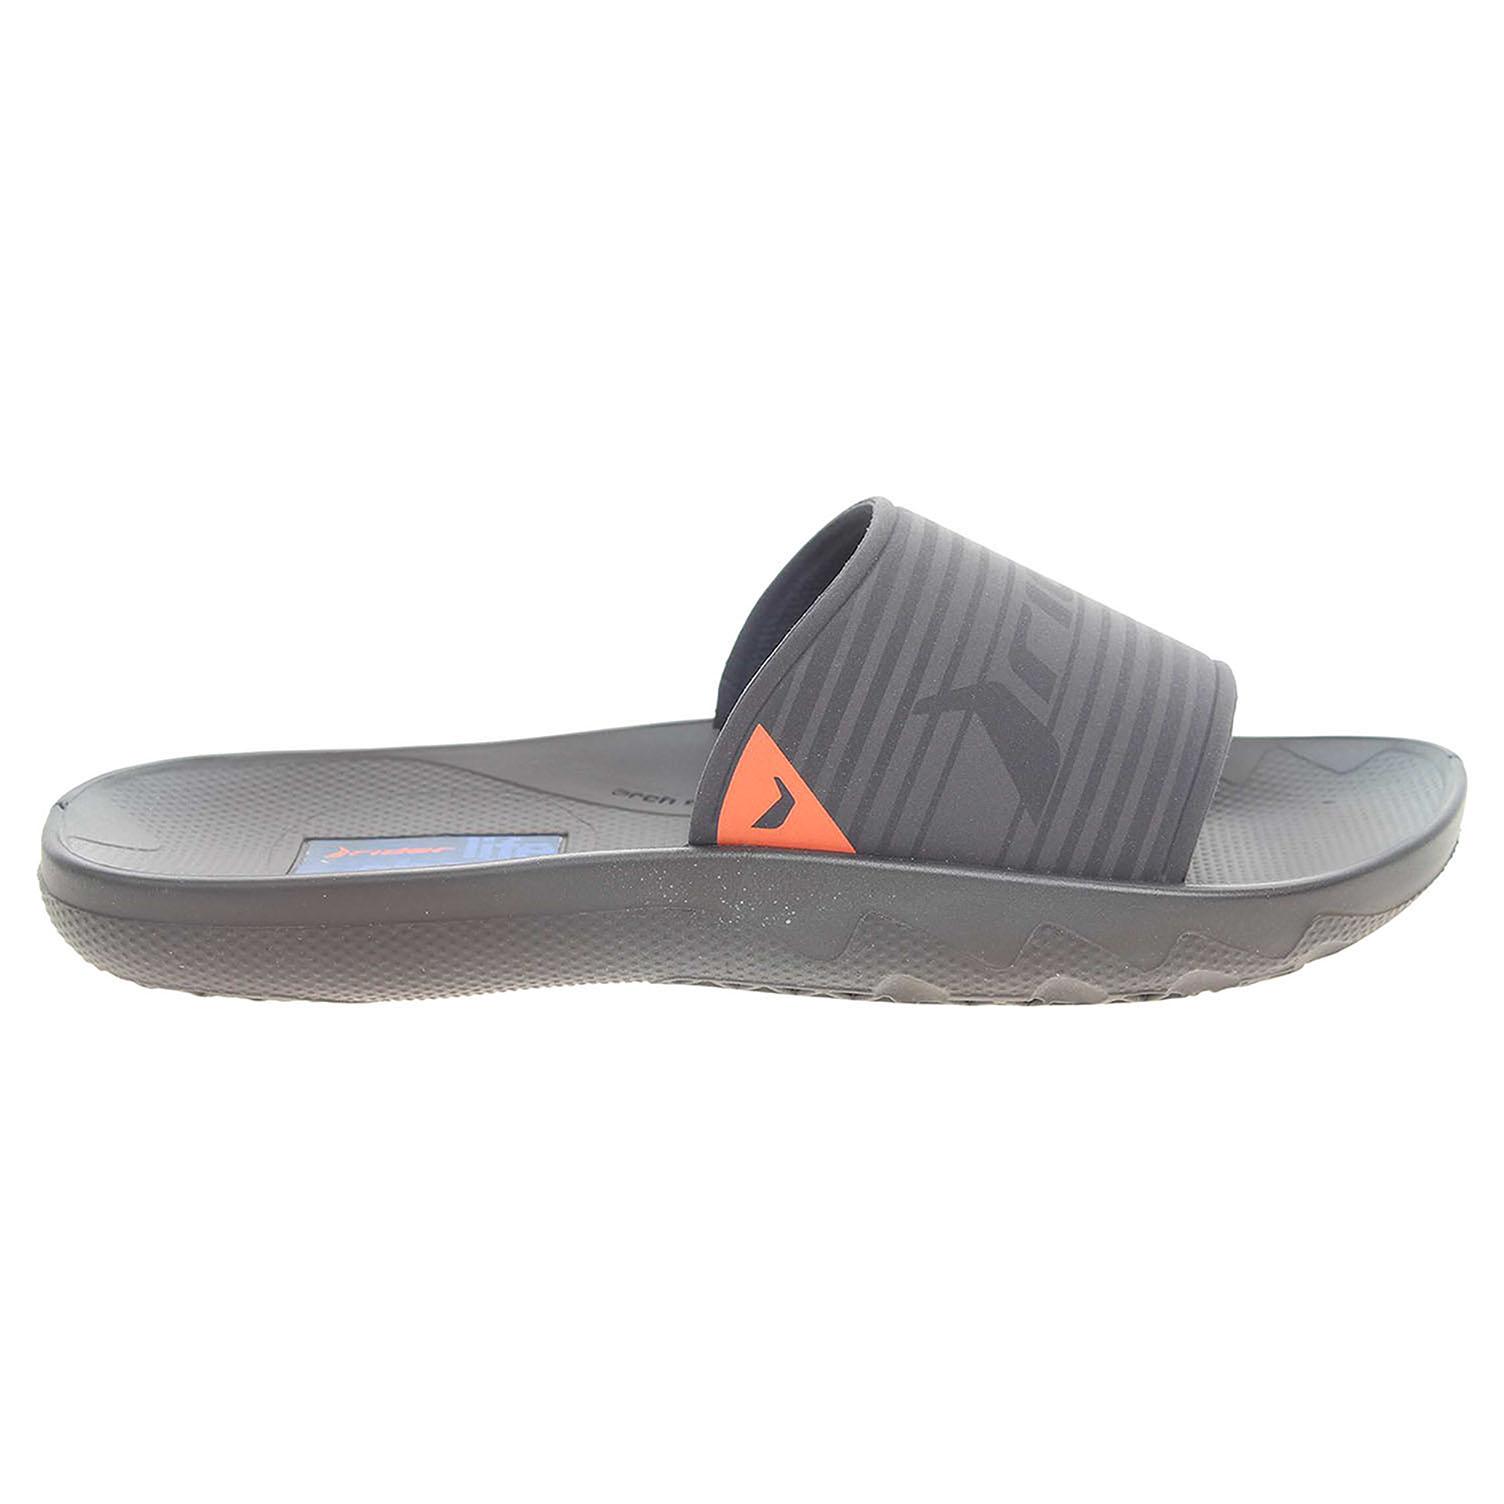 Ecco Rider pánské plážové pantofle 82082 24398 modré 24500138